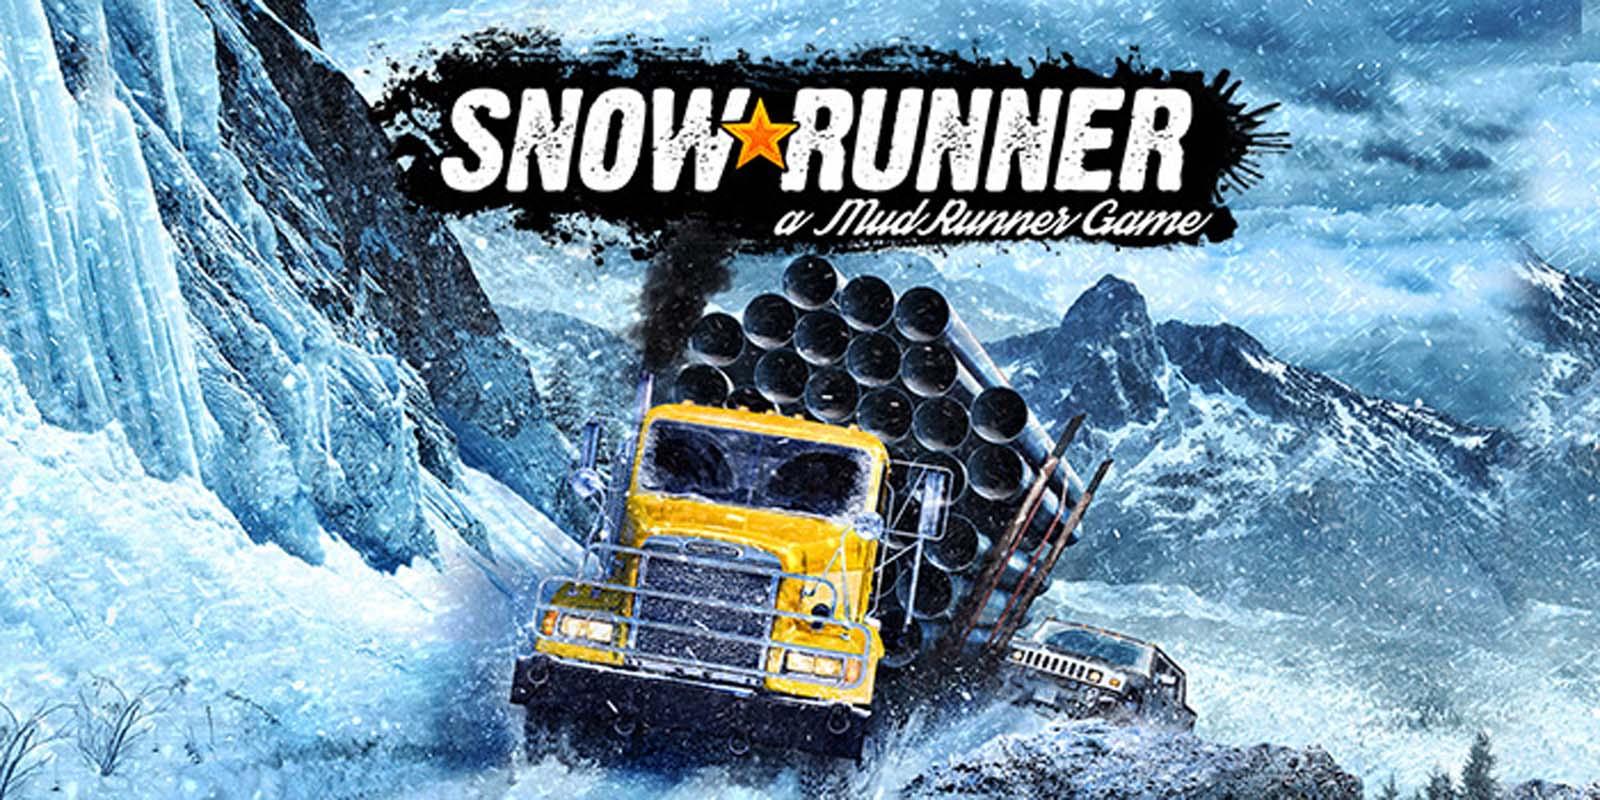 È disponibile il DLC Season 3: Locate & Delivery di SnowRunner thumbnail